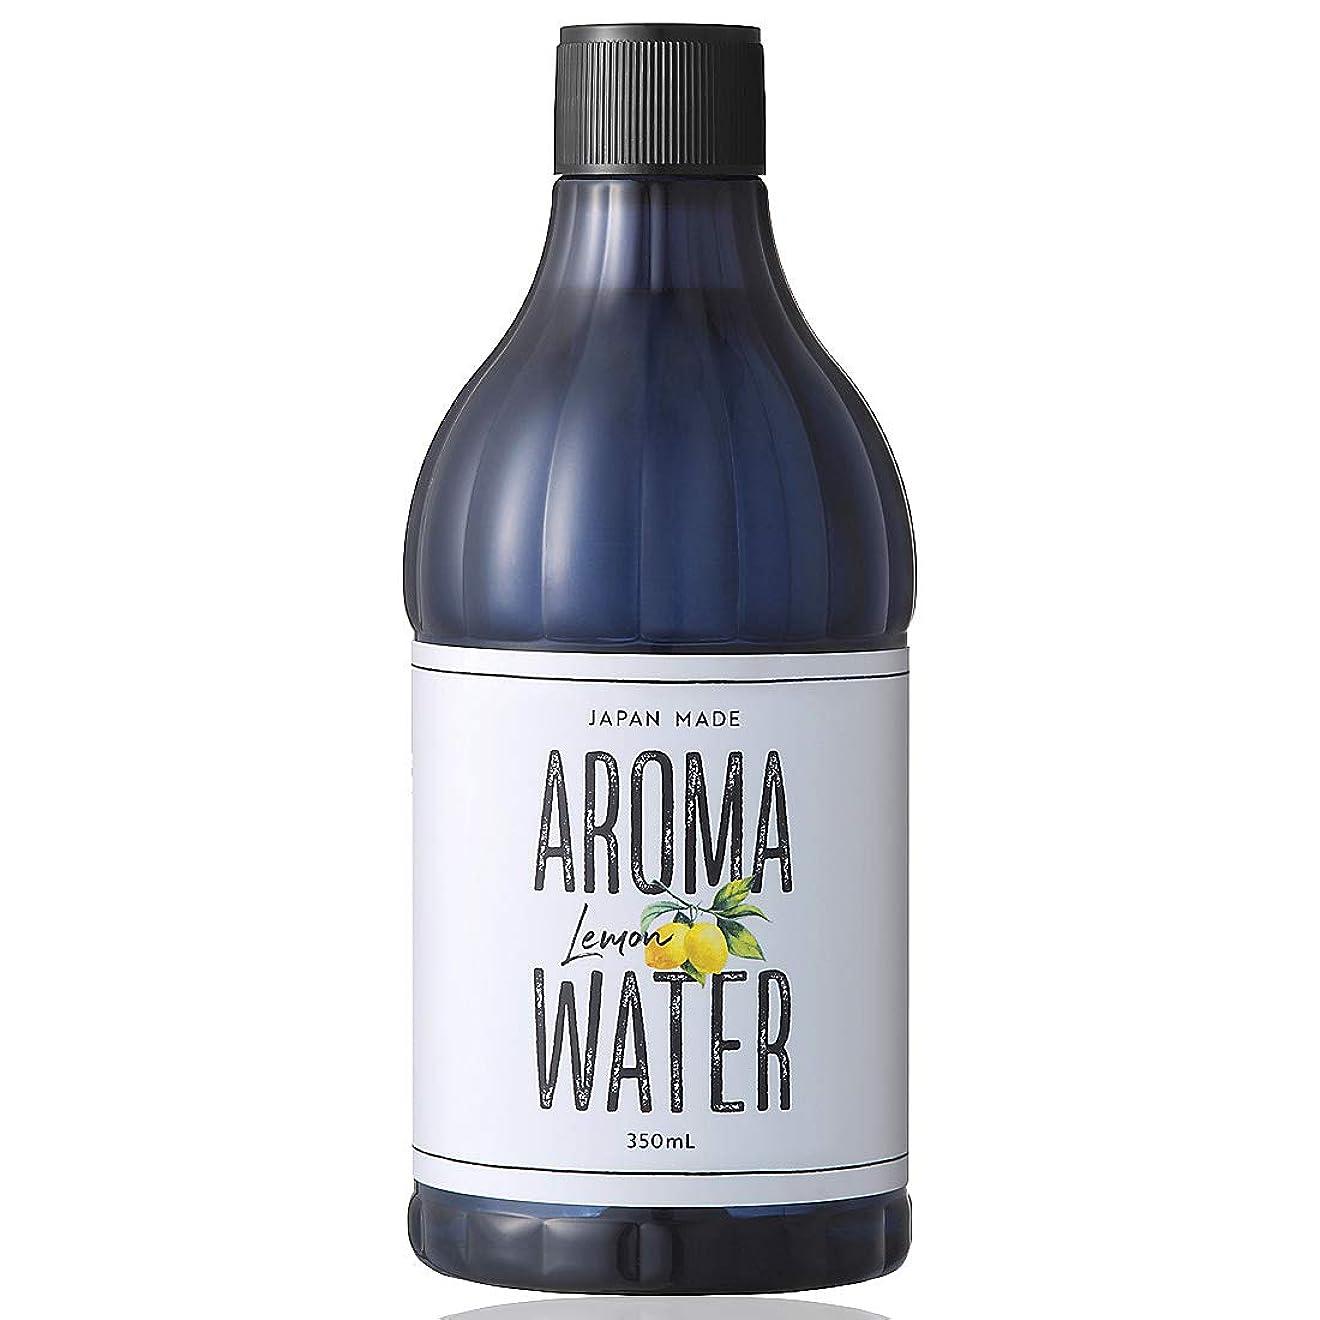 吹雪ひそかに和解するデイリーアロマジャパン アロマウォーター 加湿器用 350ml 日本製 水溶性アロマ - レモン